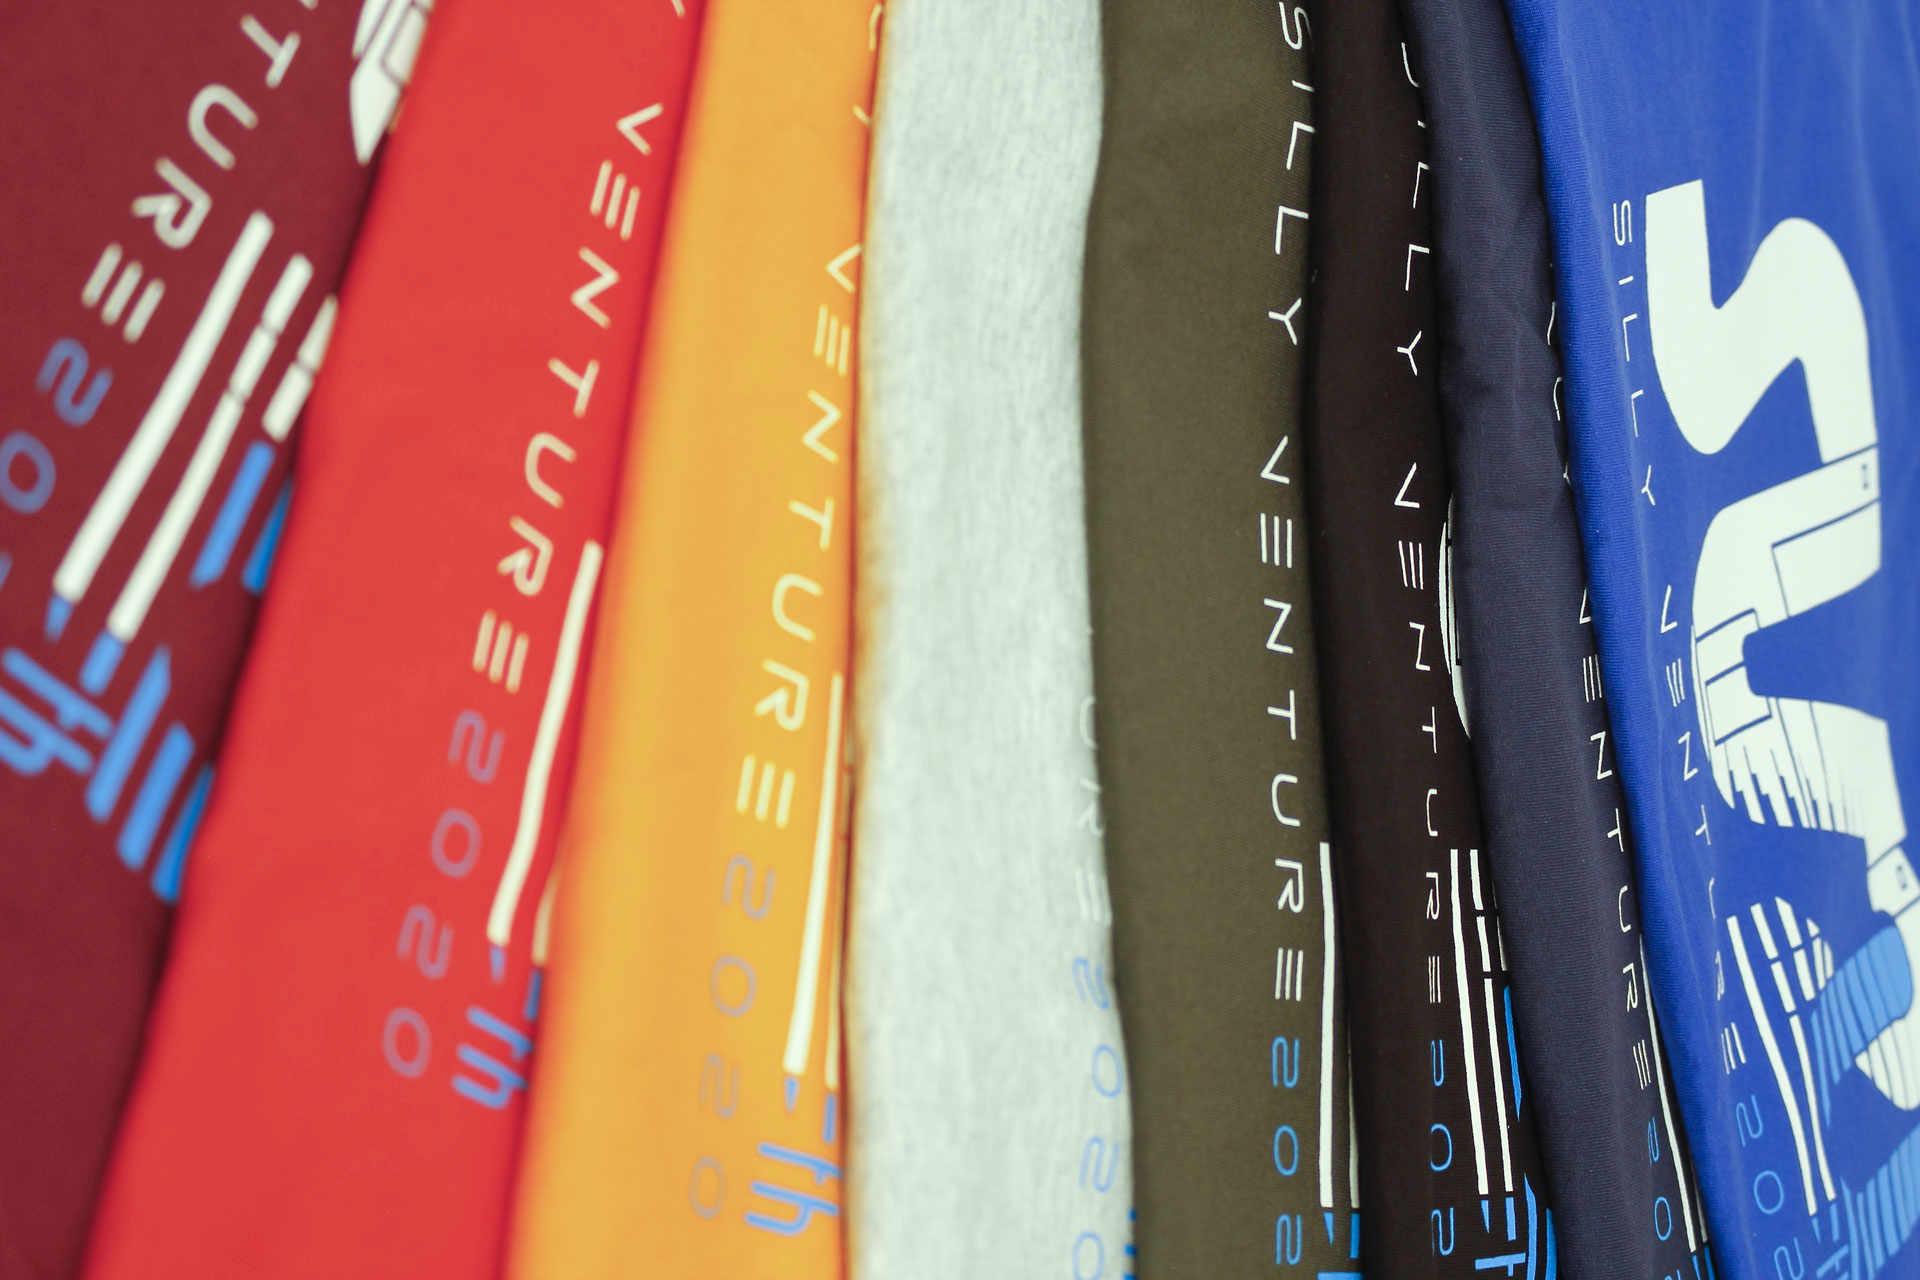 http://www.sillyventure.eu/images/news2020-2021/shirts5.jpg